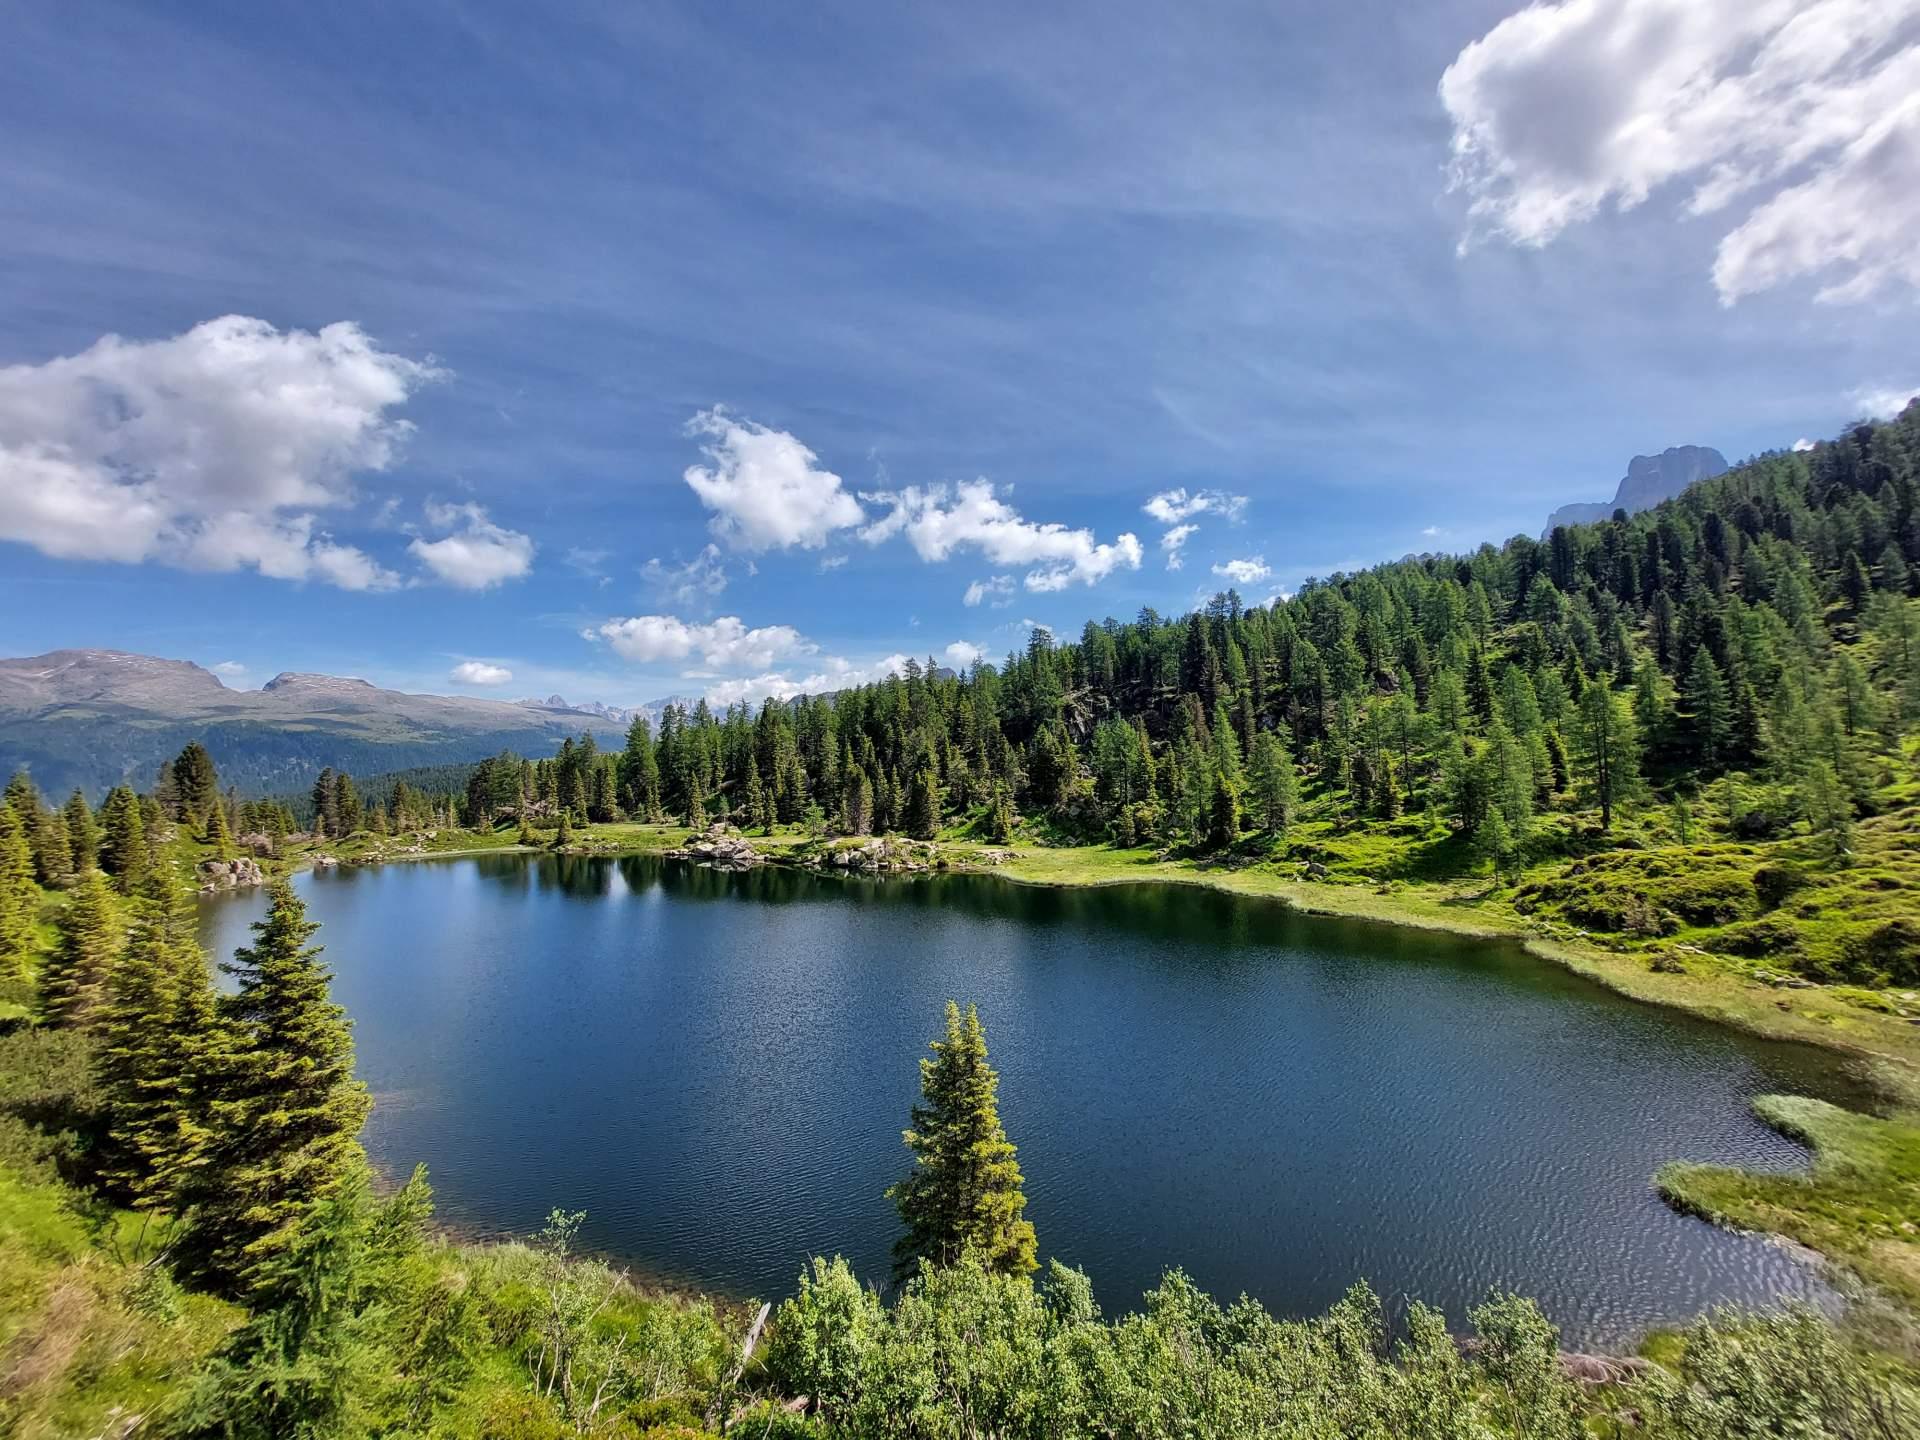 Lago inferiore Colbricon